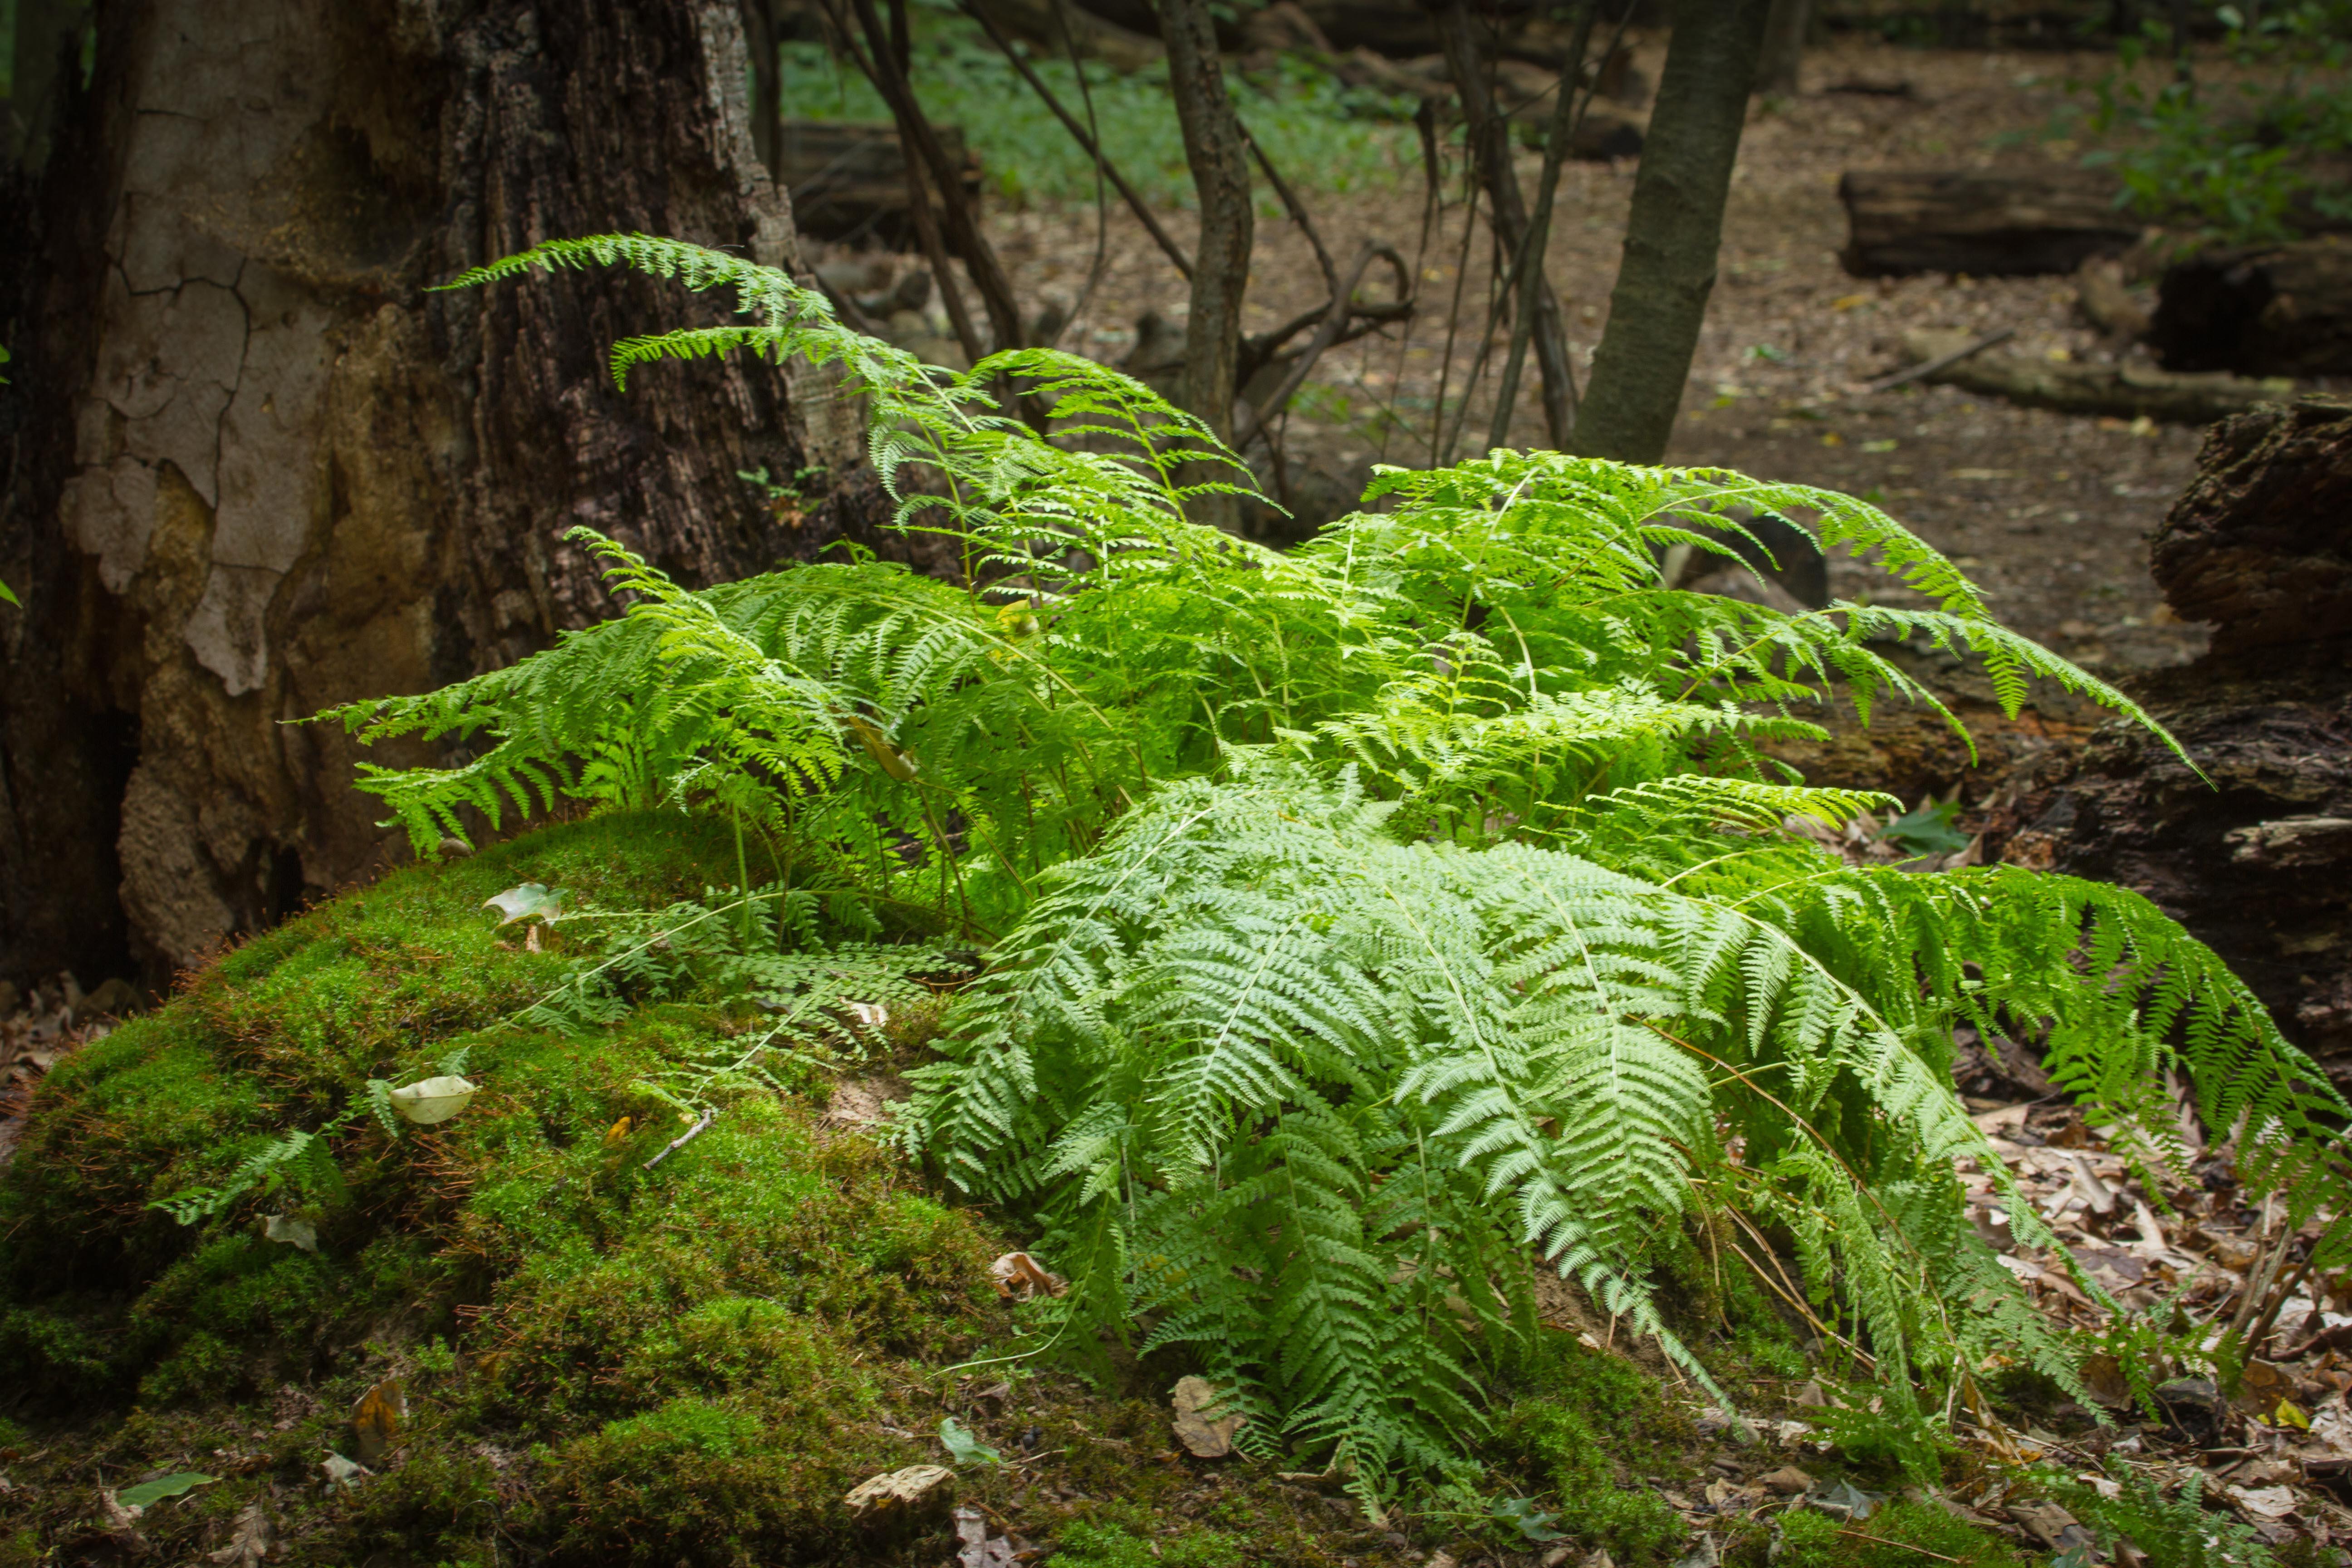 Fancy fern